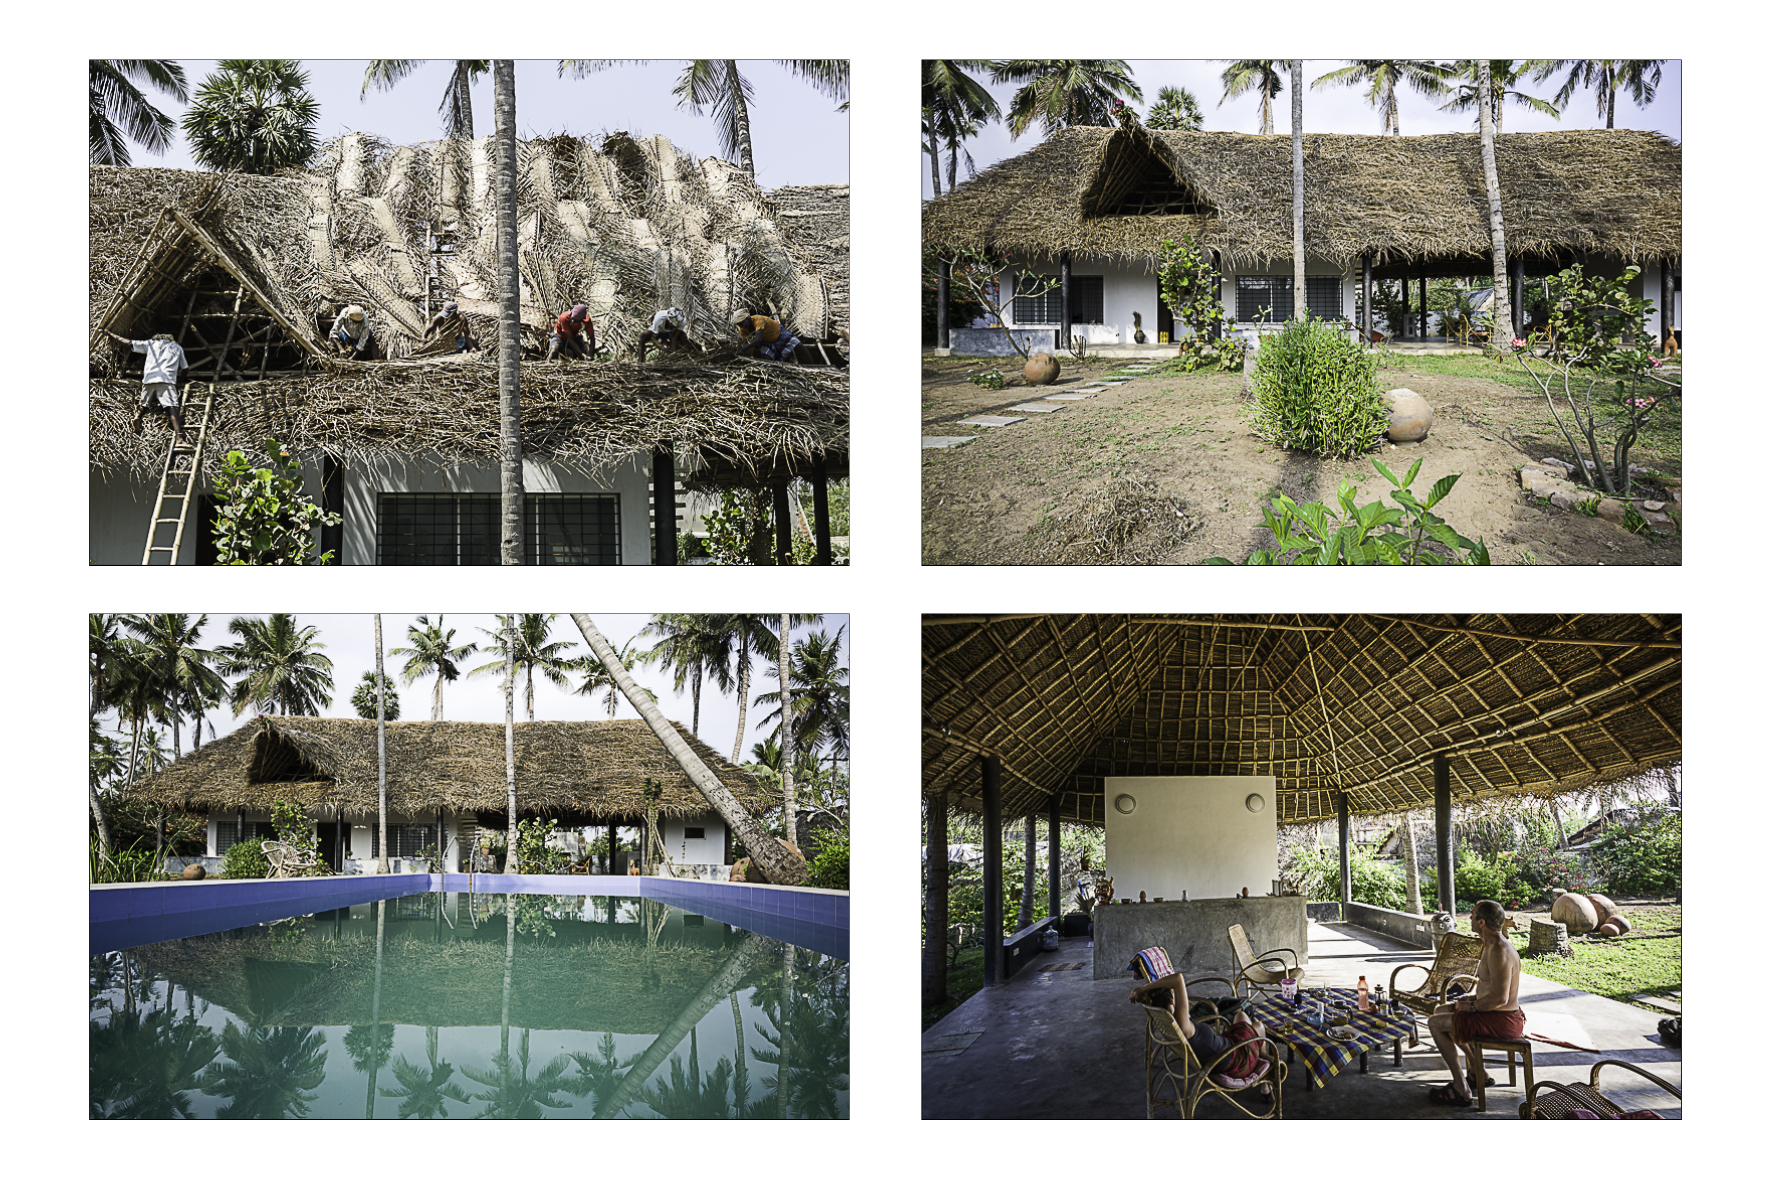 La maison d'Emma, Inde 2014.  Hervé Giorsetti architecte.